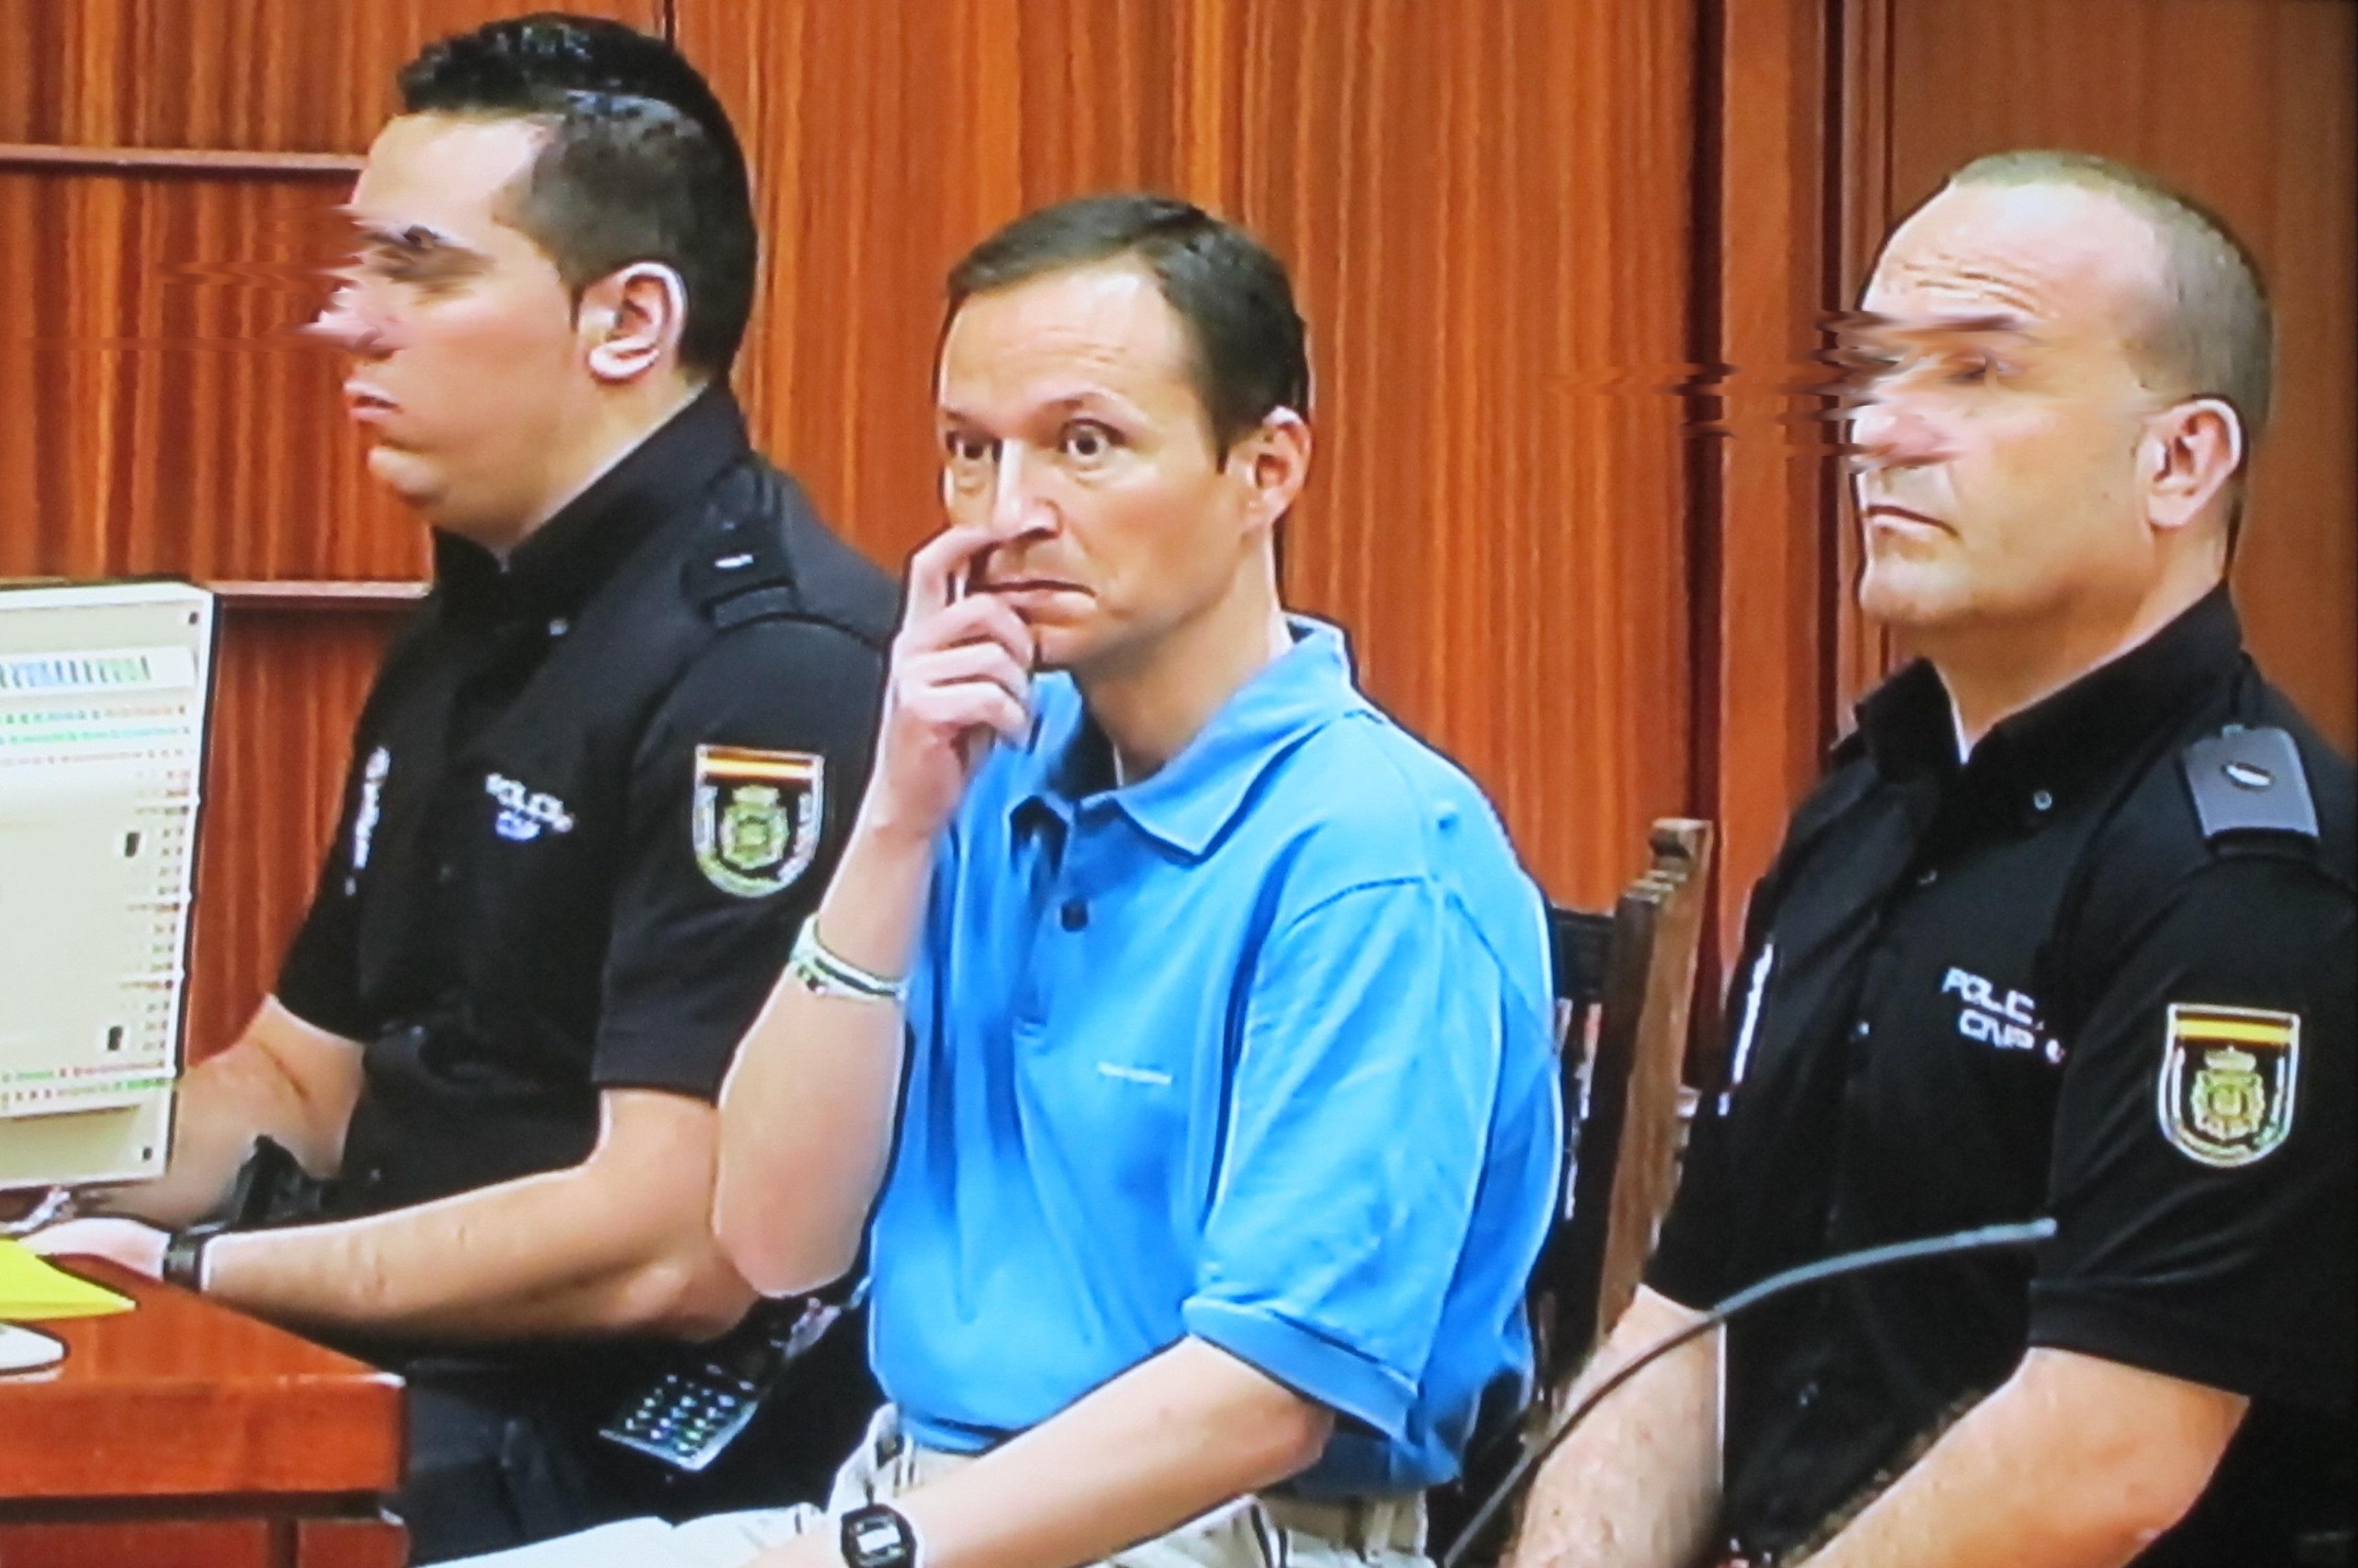 La madre de Bretón dijo al comisario Piedrabuena entre lágrimas que se temía «lo peor»